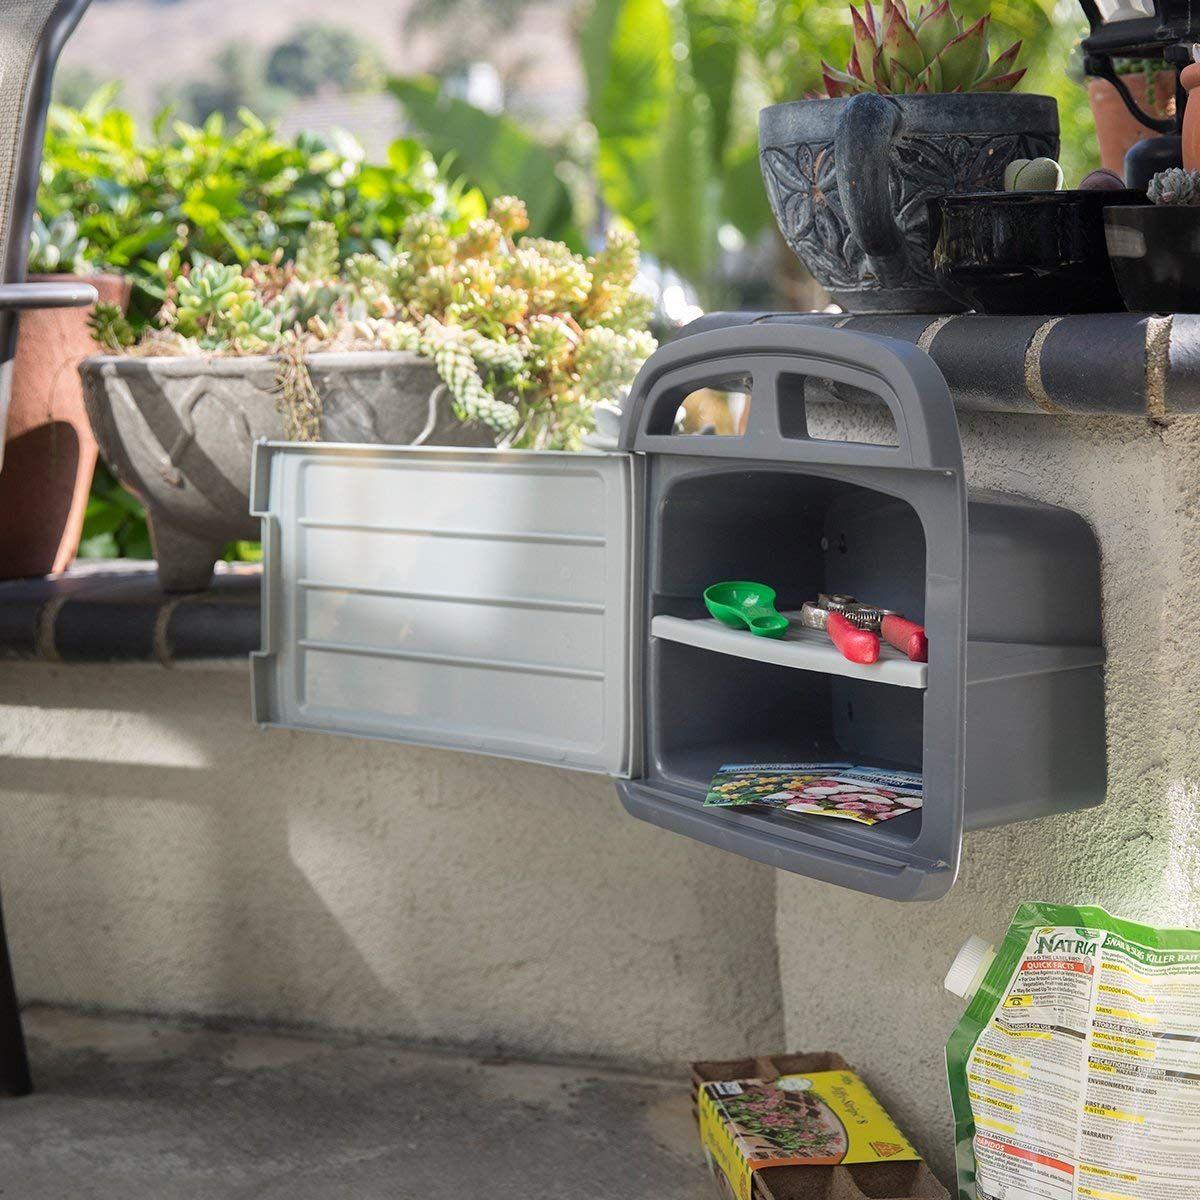 XtremepowerUS Garden Water Hose Reel Hanger Storage Box